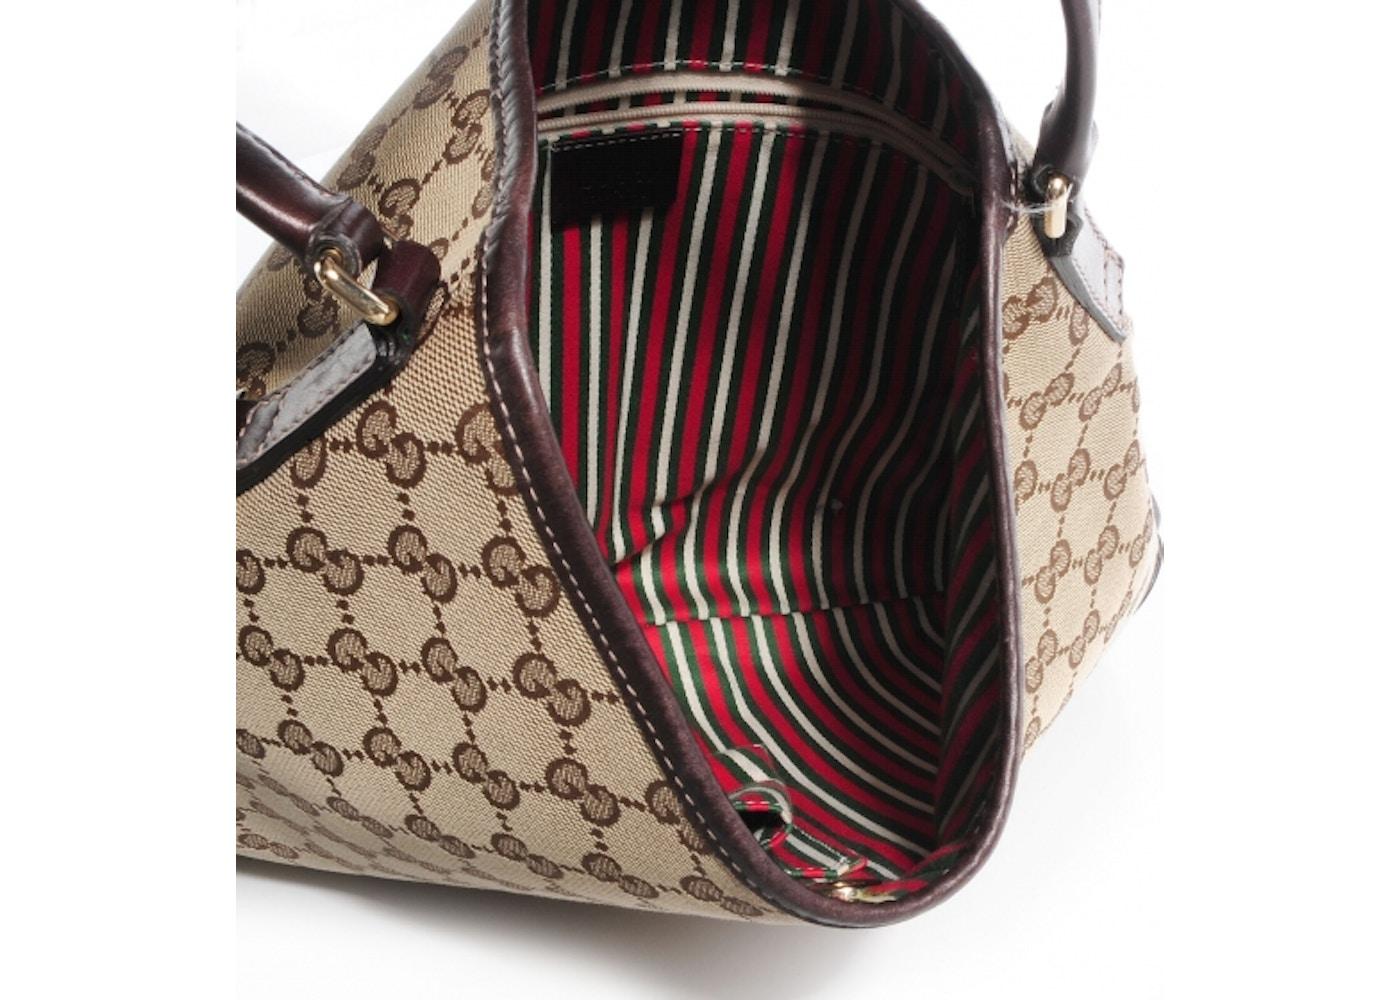 88f65e55f92 Gucci Britt Hobo GG Medium Brown